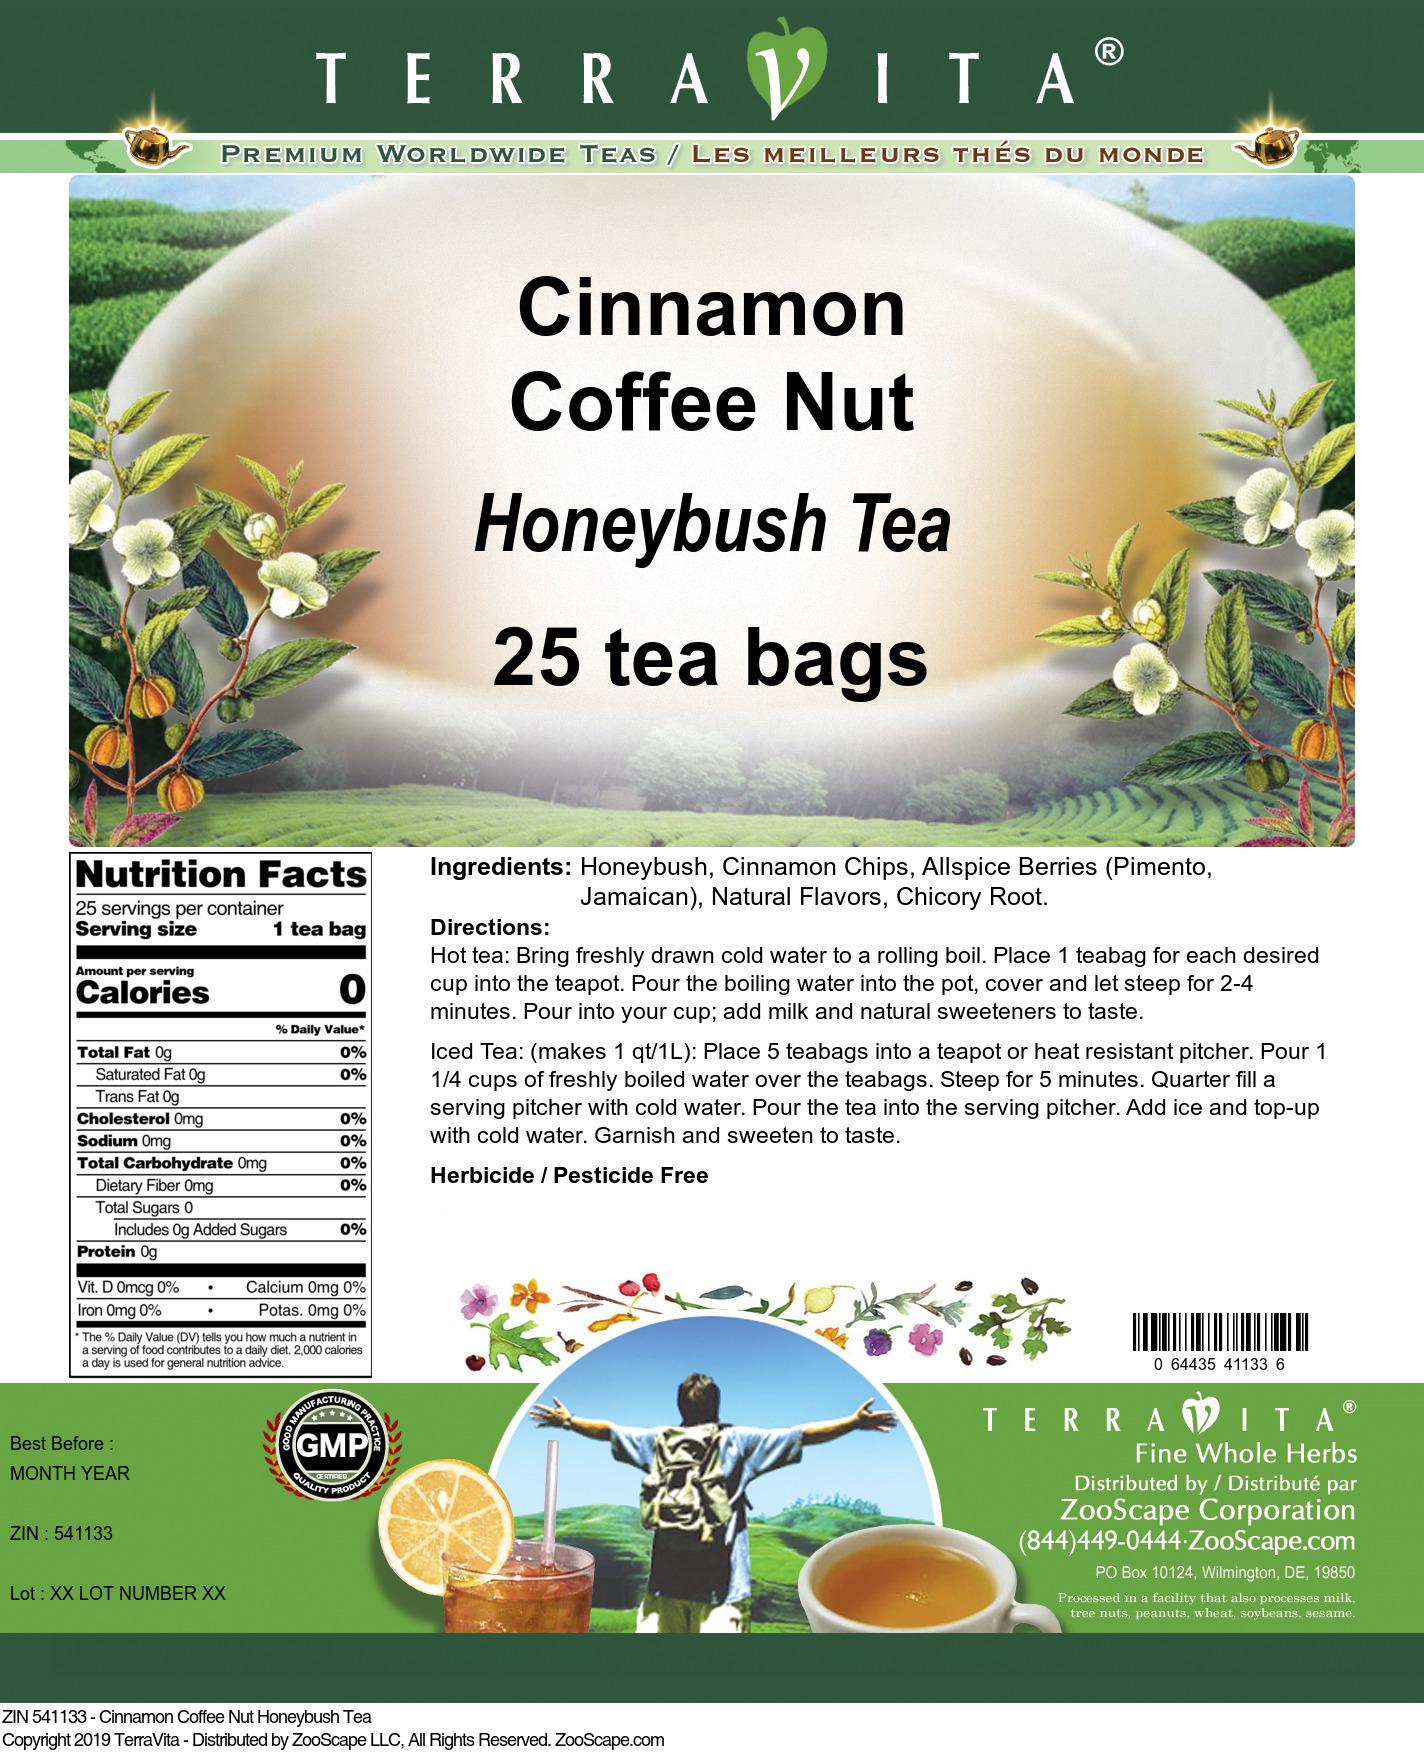 Cinnamon Coffee Nut Honeybush Tea